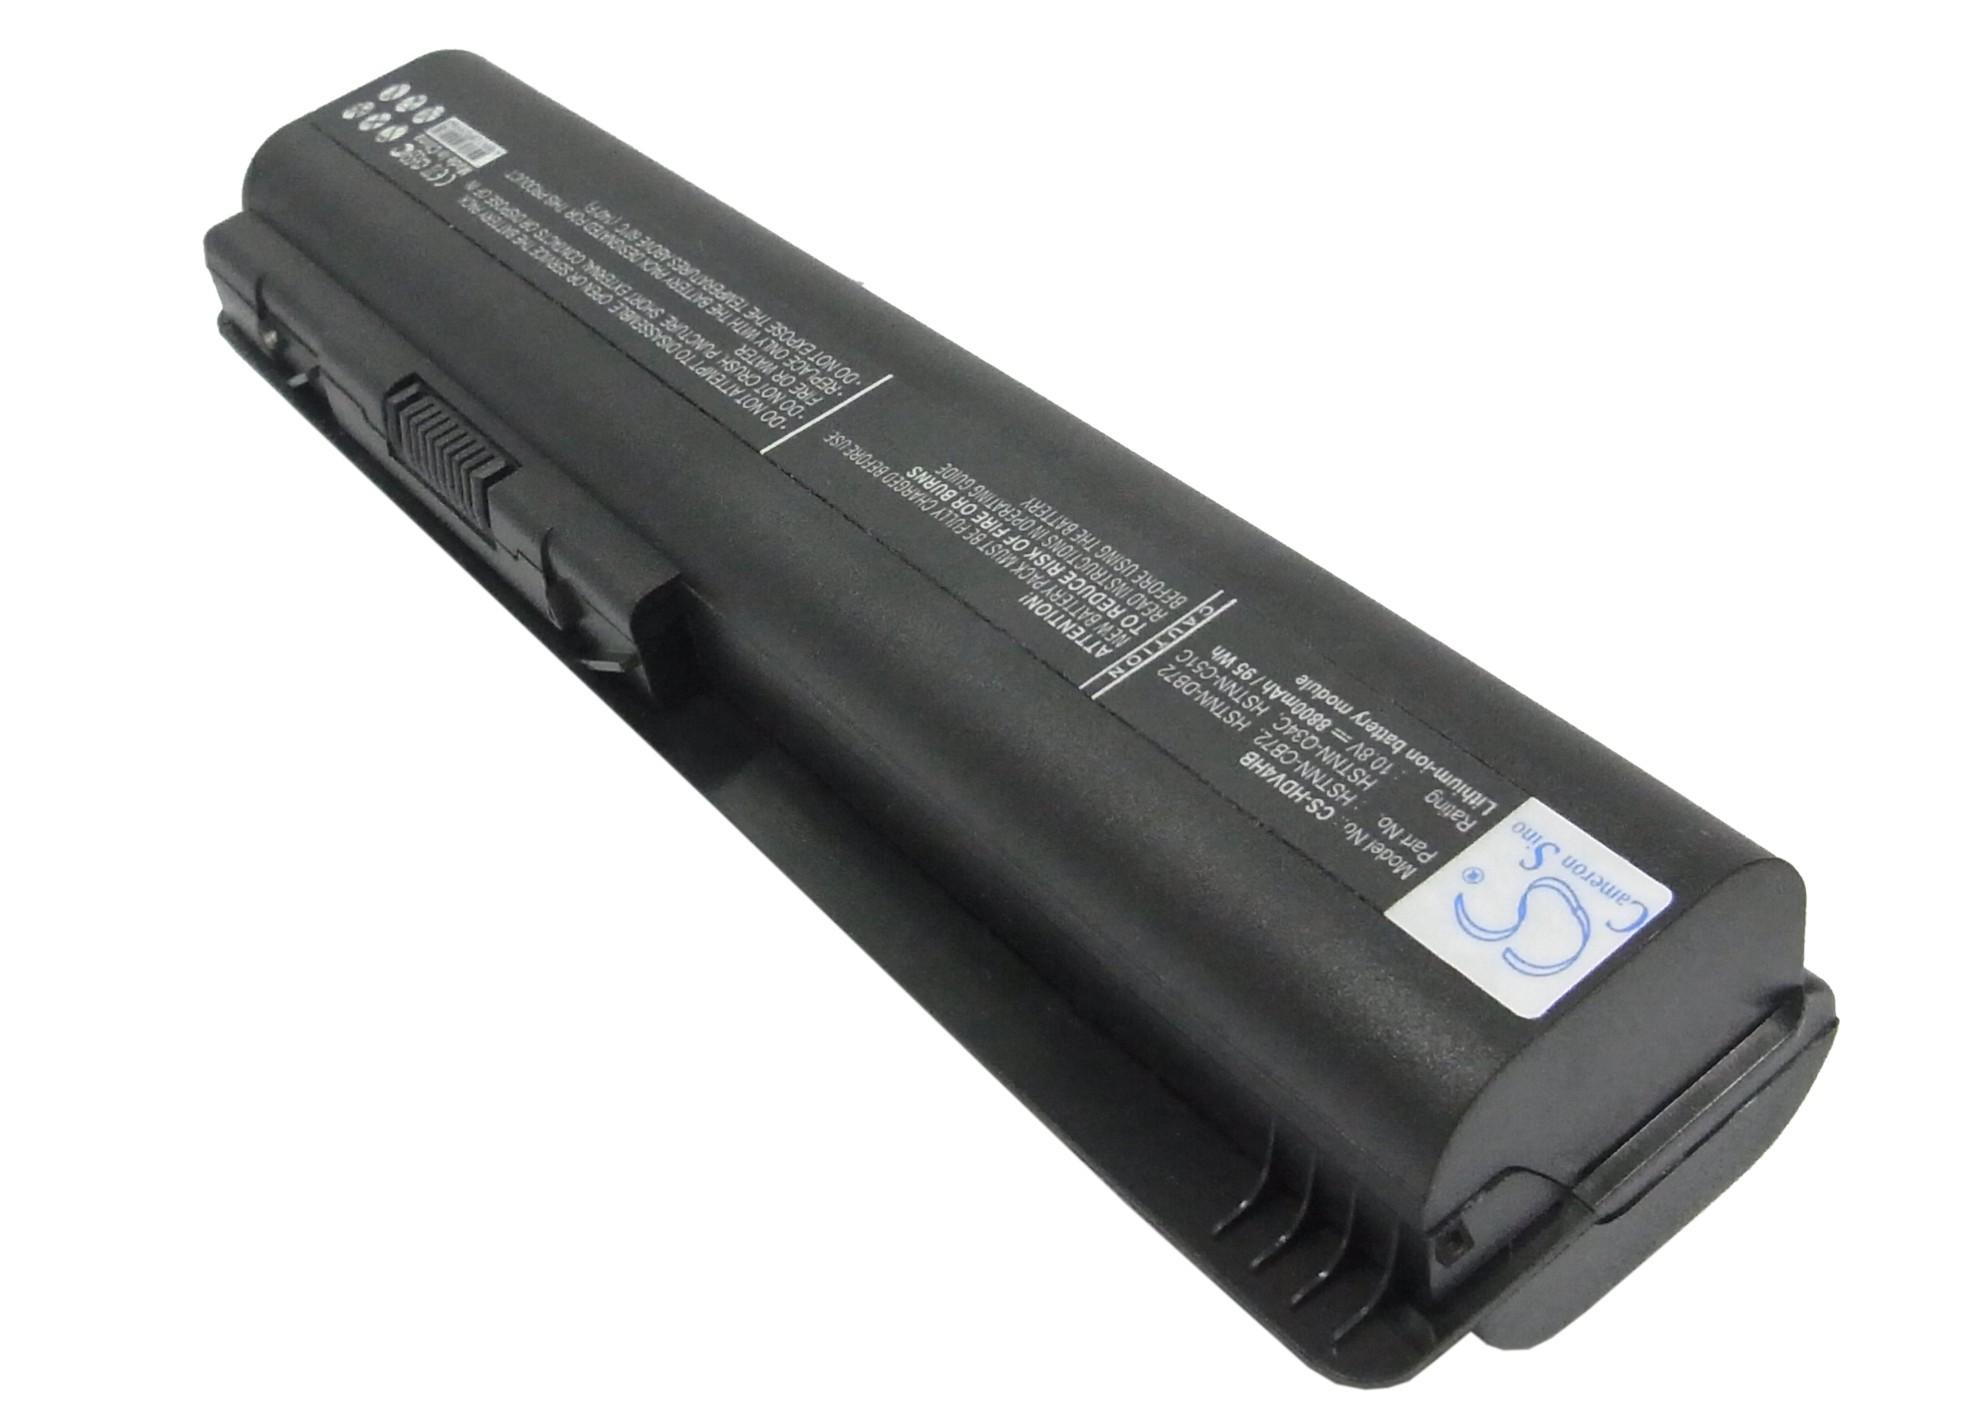 Cameron Sino baterie do notebooků pro COMPAQ Presario CQ60-202TX 10.8V Li-ion 8800mAh černá - neoriginální